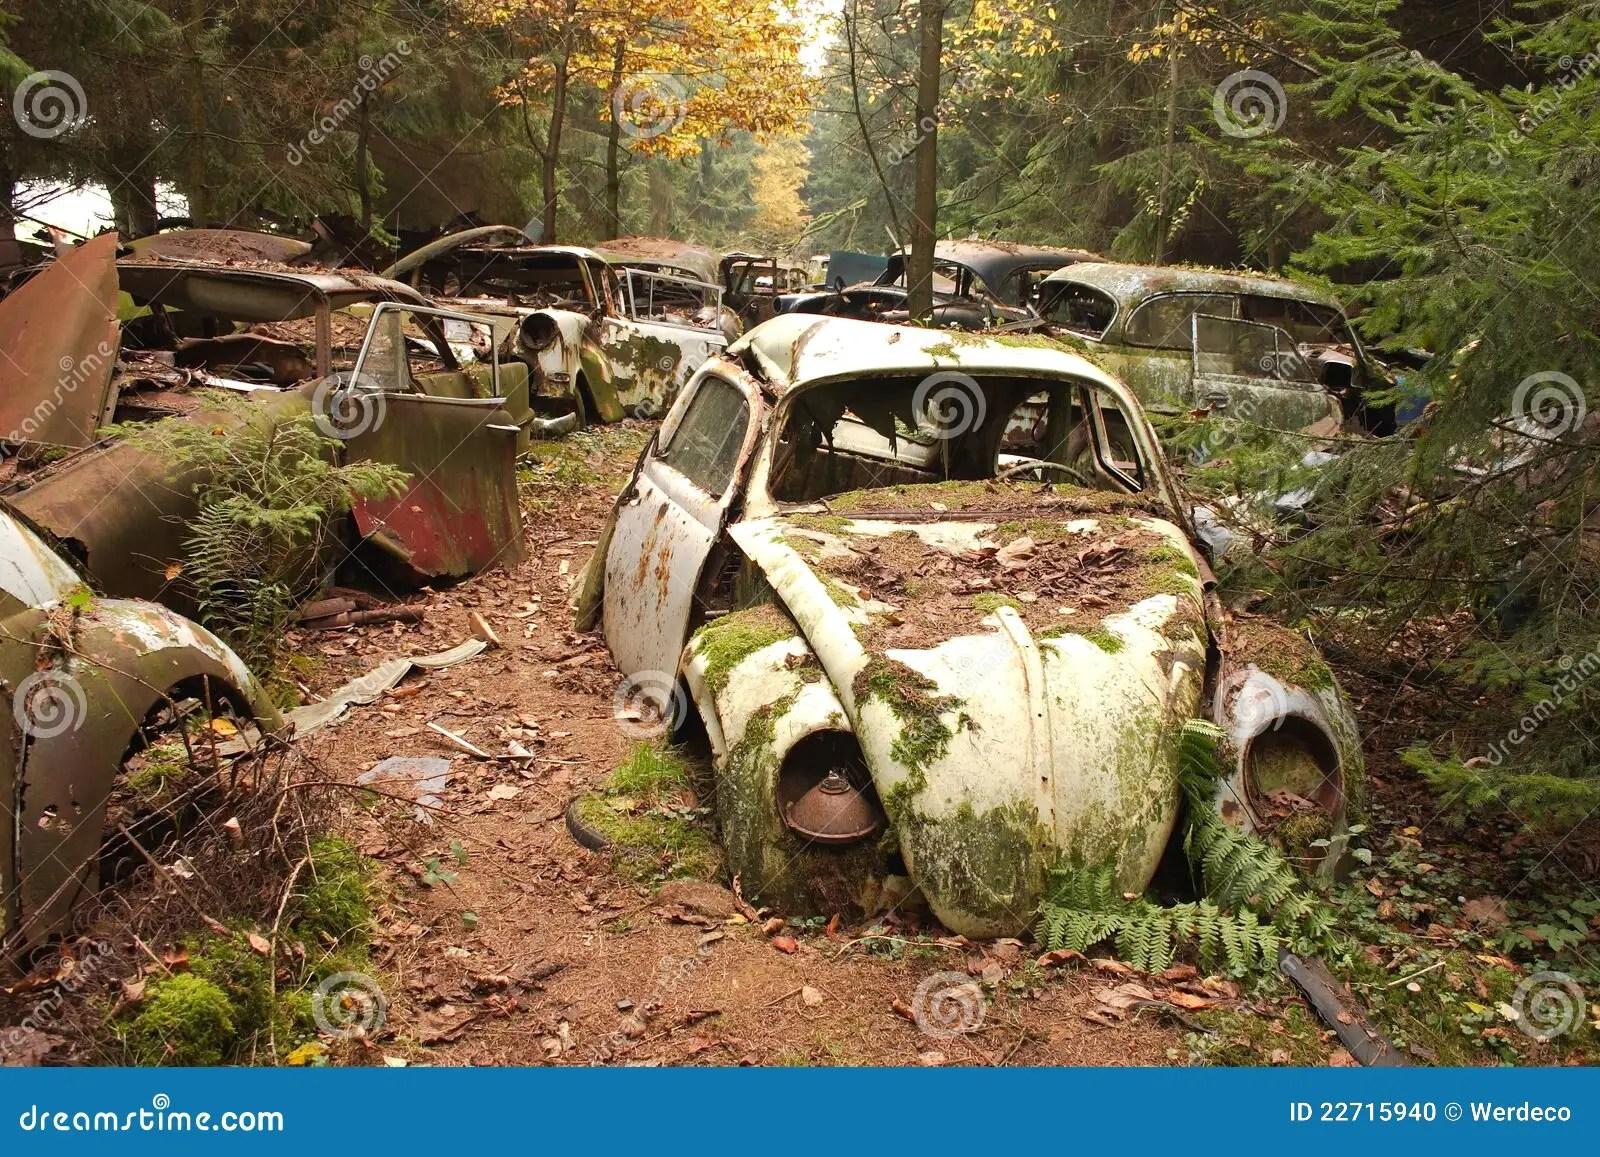 Hemi Car Wallpaper Kerkhof 1 Van De Auto Stock Foto Afbeelding Bestaande Uit